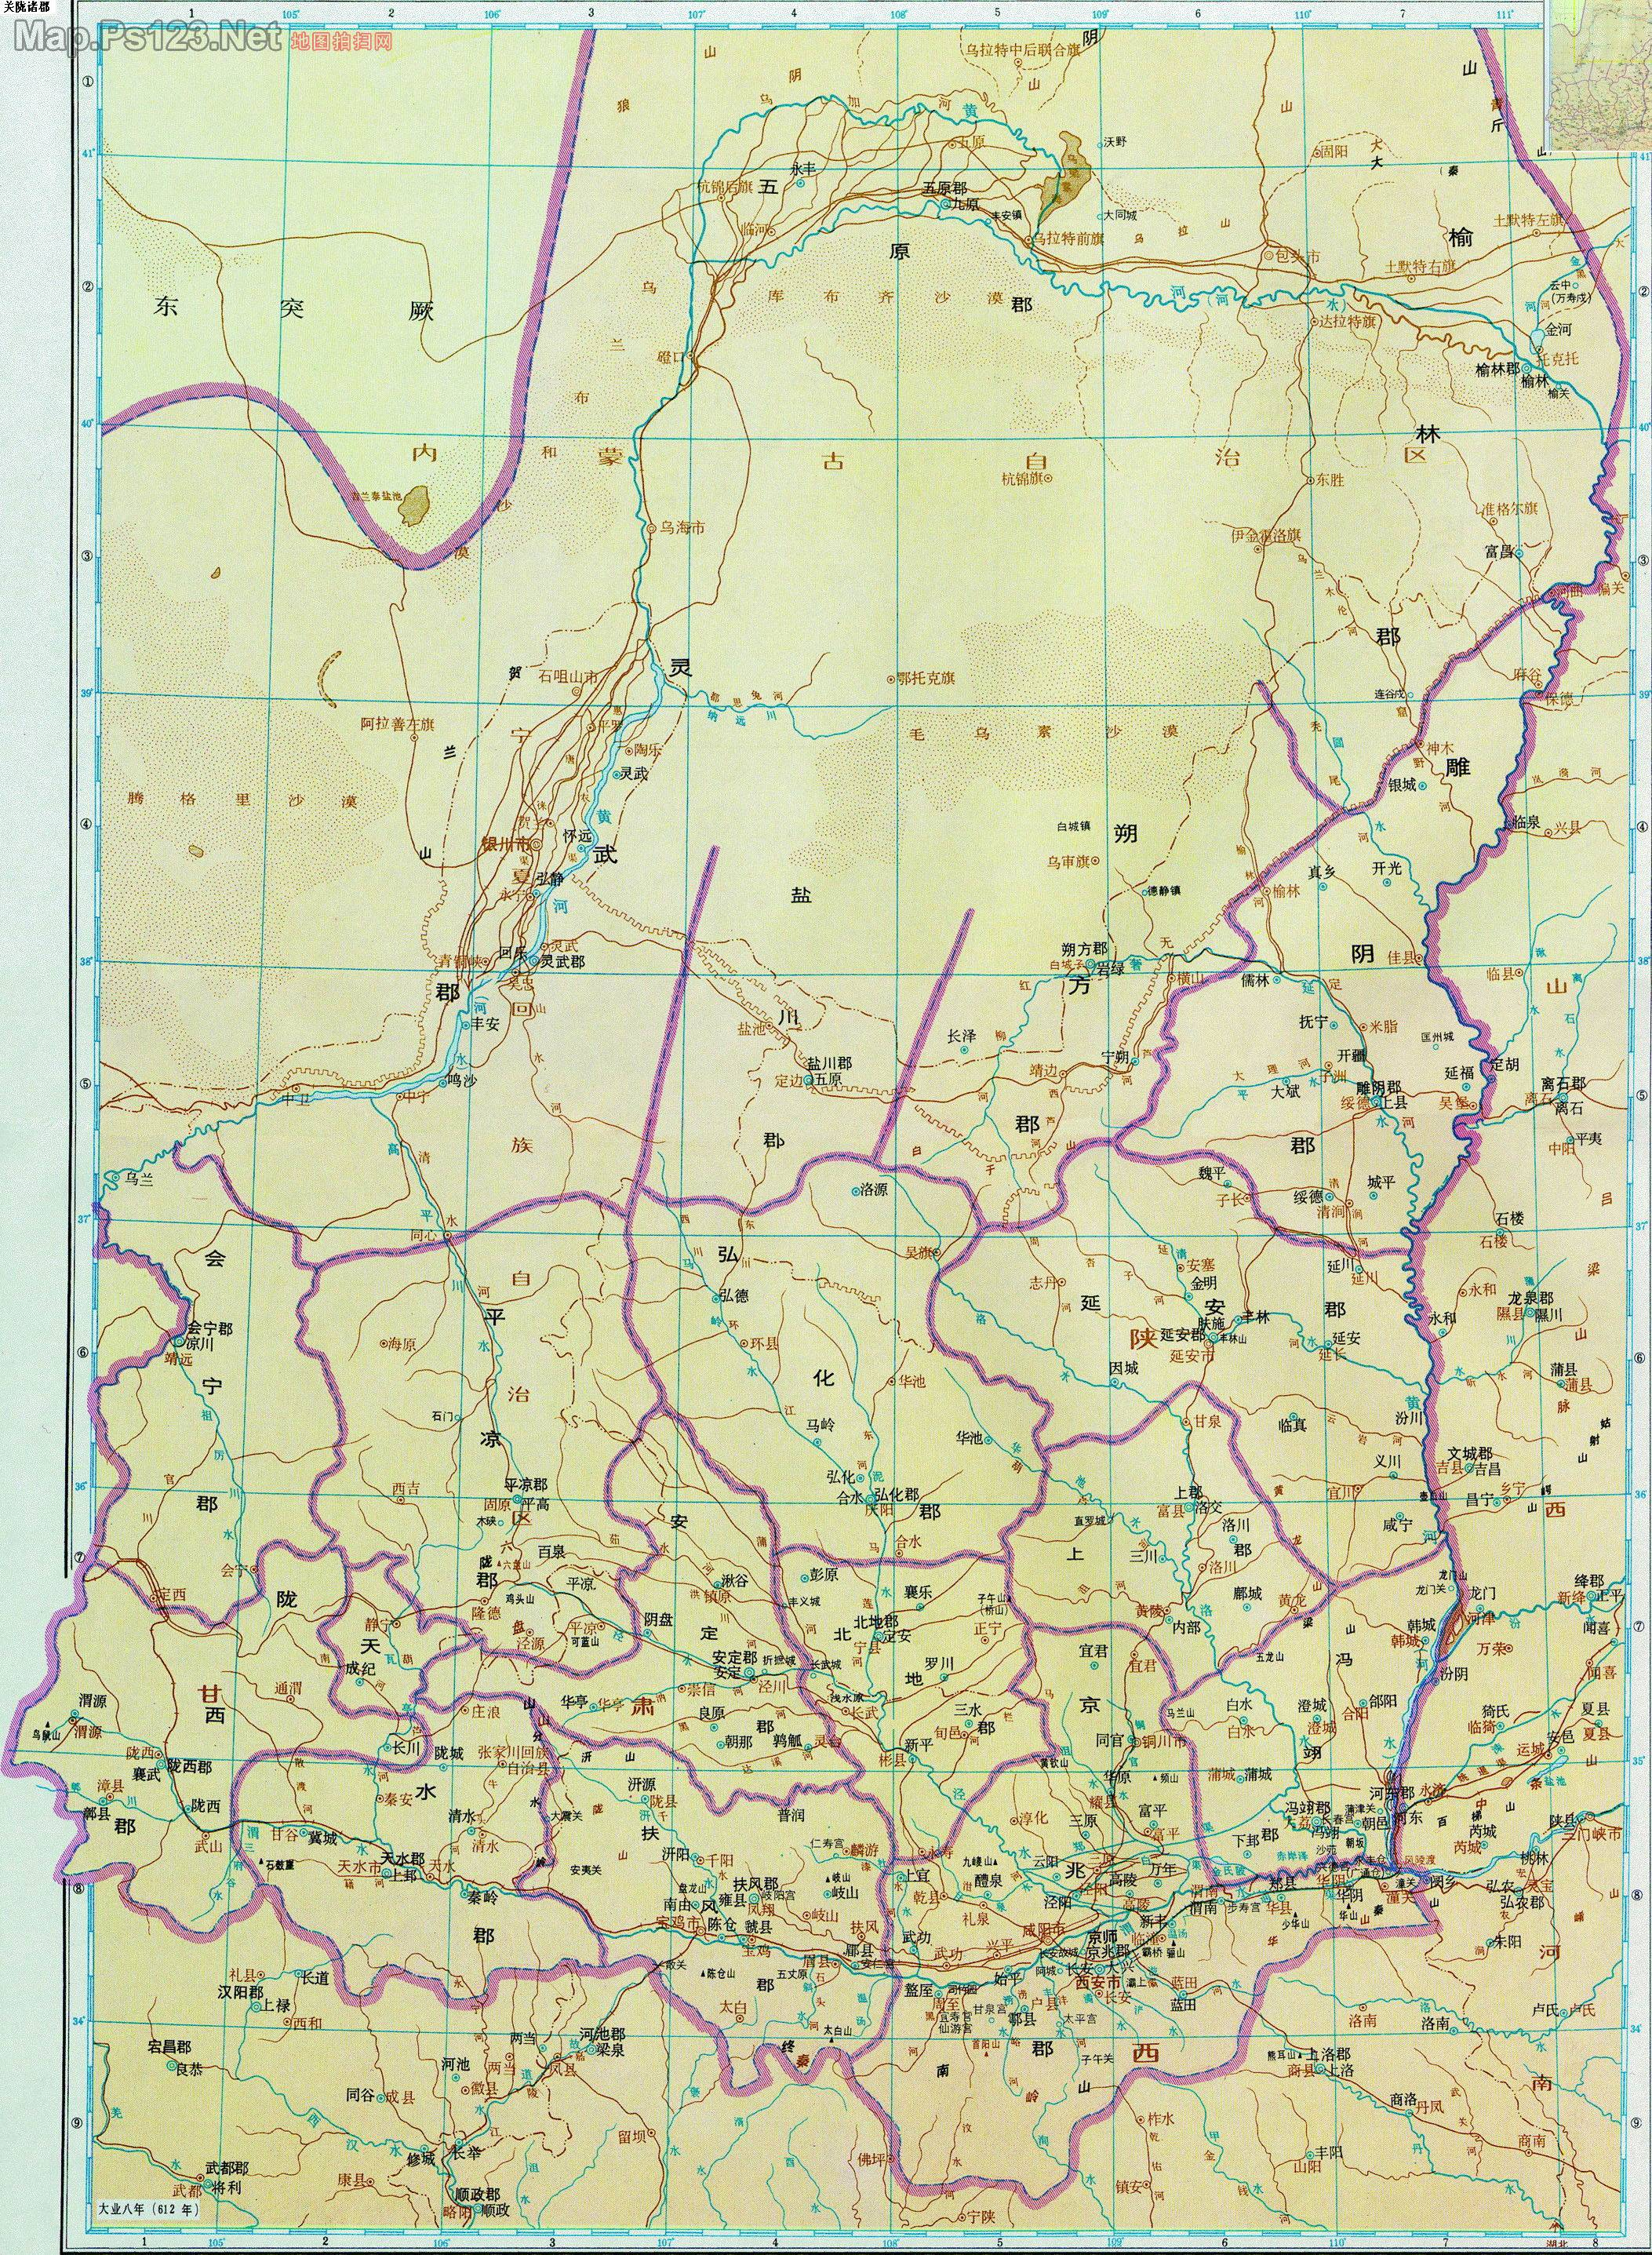 历史地图:关陇诸郡(隋)_中国历史地图查询